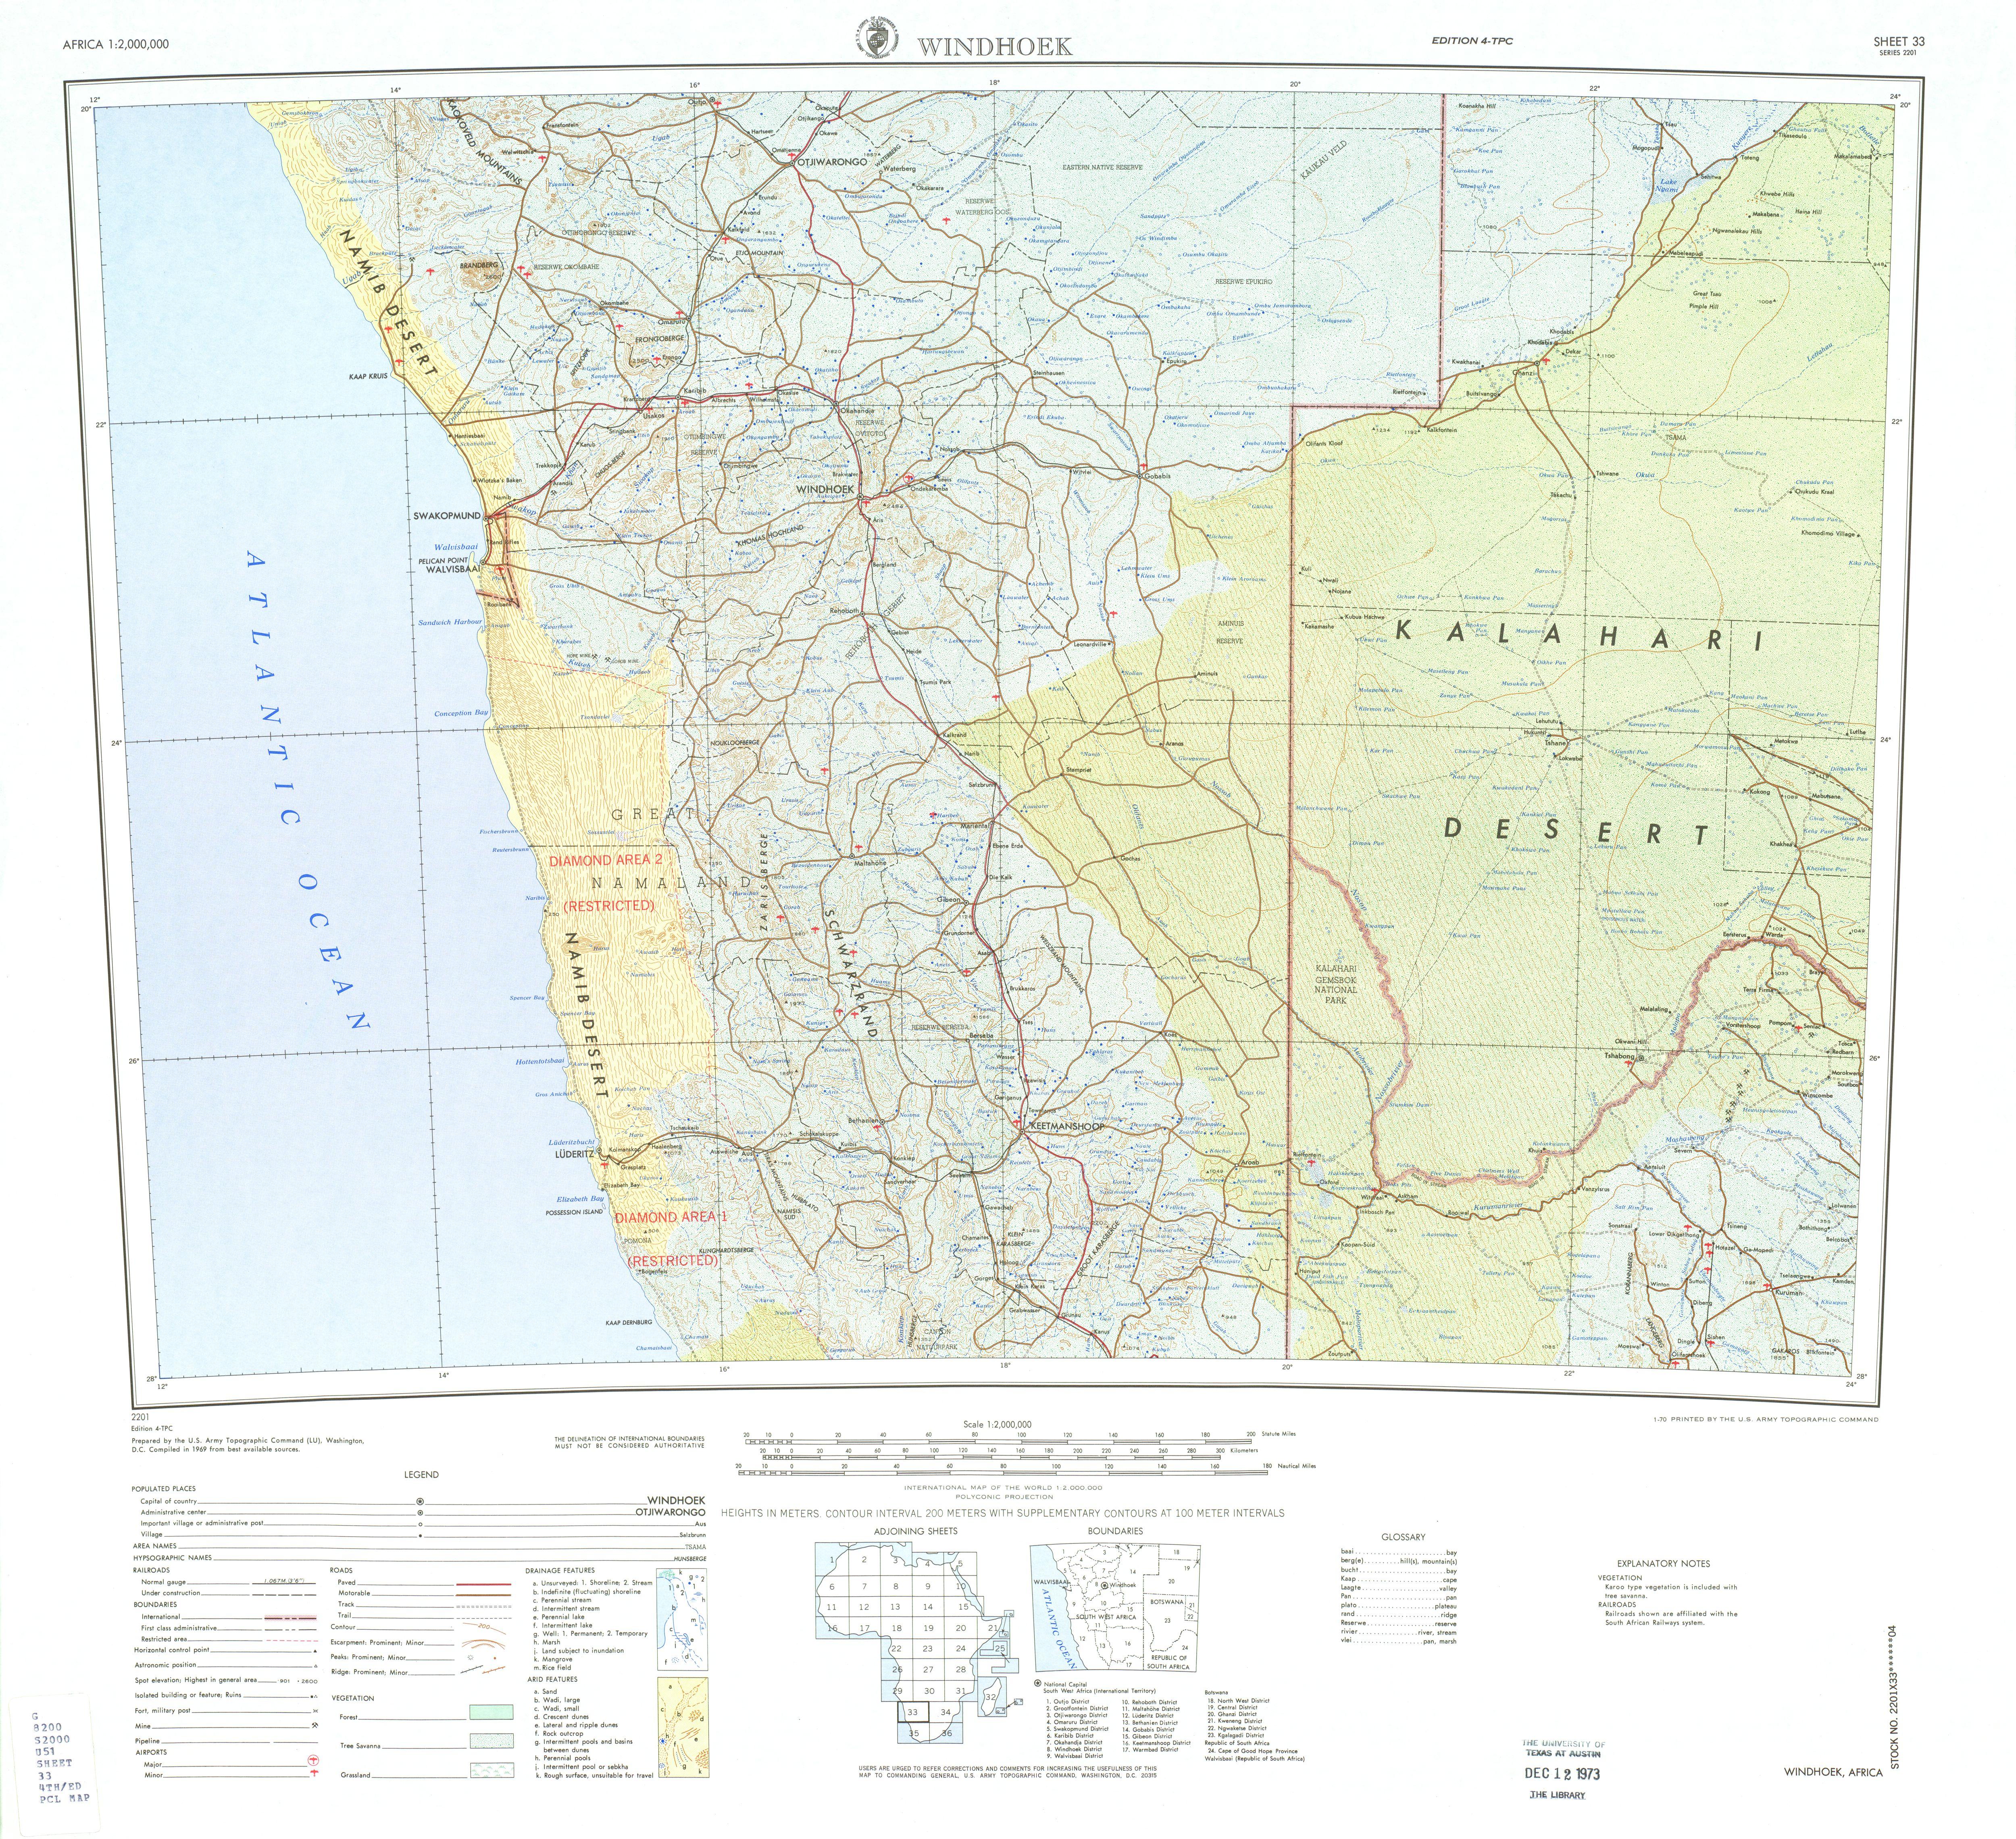 Hoja Windhoek del Mapa Topográfico de África 1969